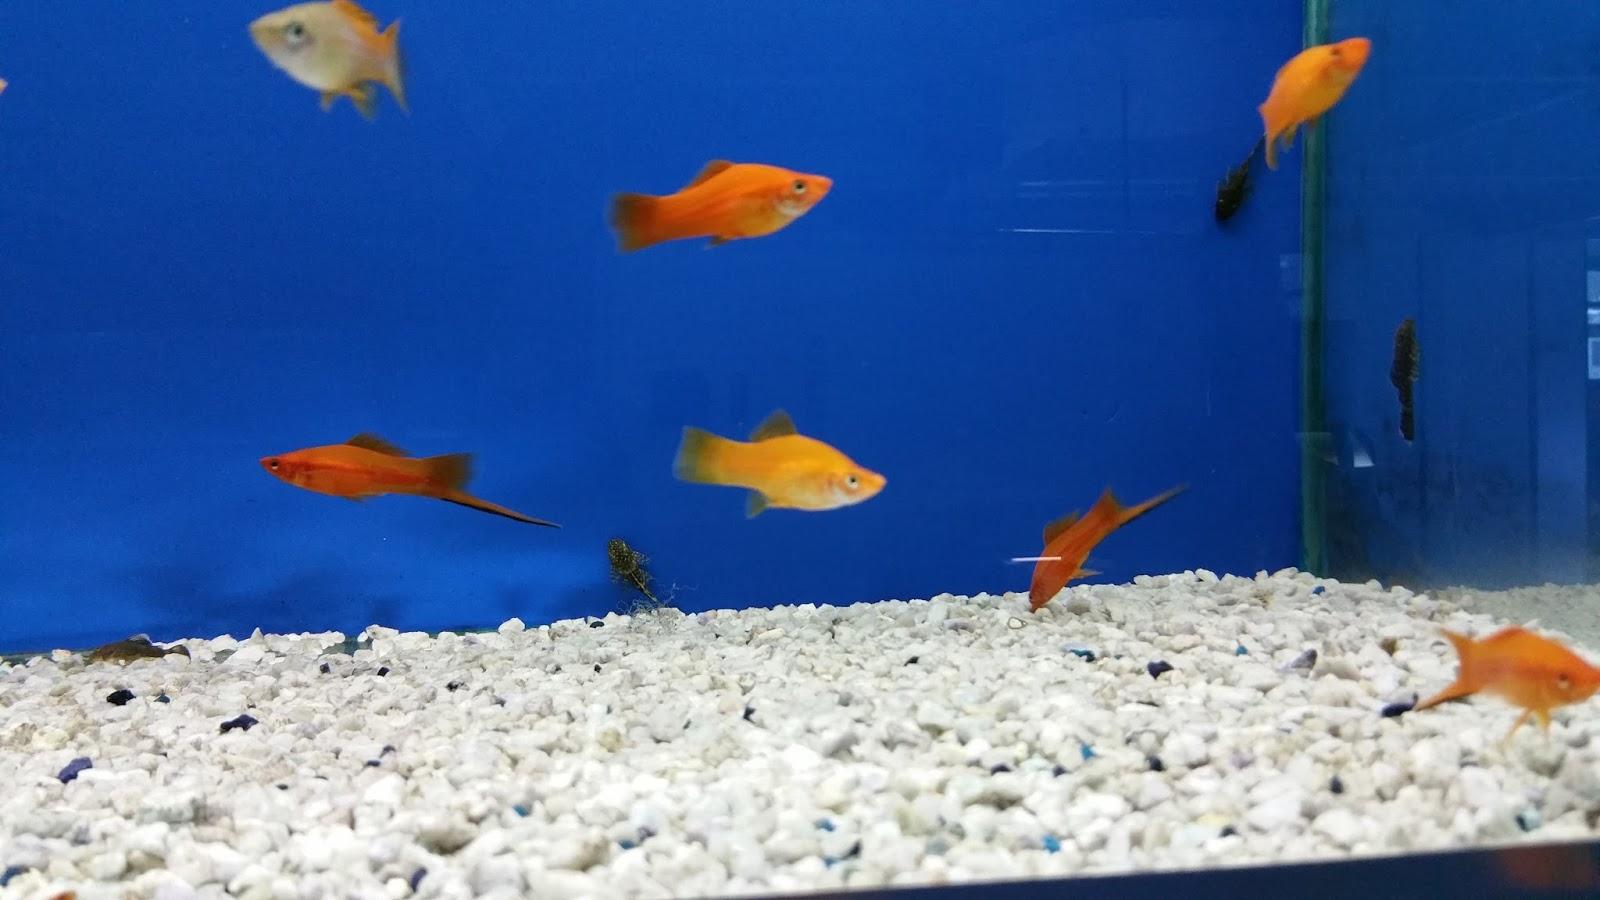 Pirana aquarium pesci tropicali d 39 acqua dolce gli for Pesci acqua dolce commestibili